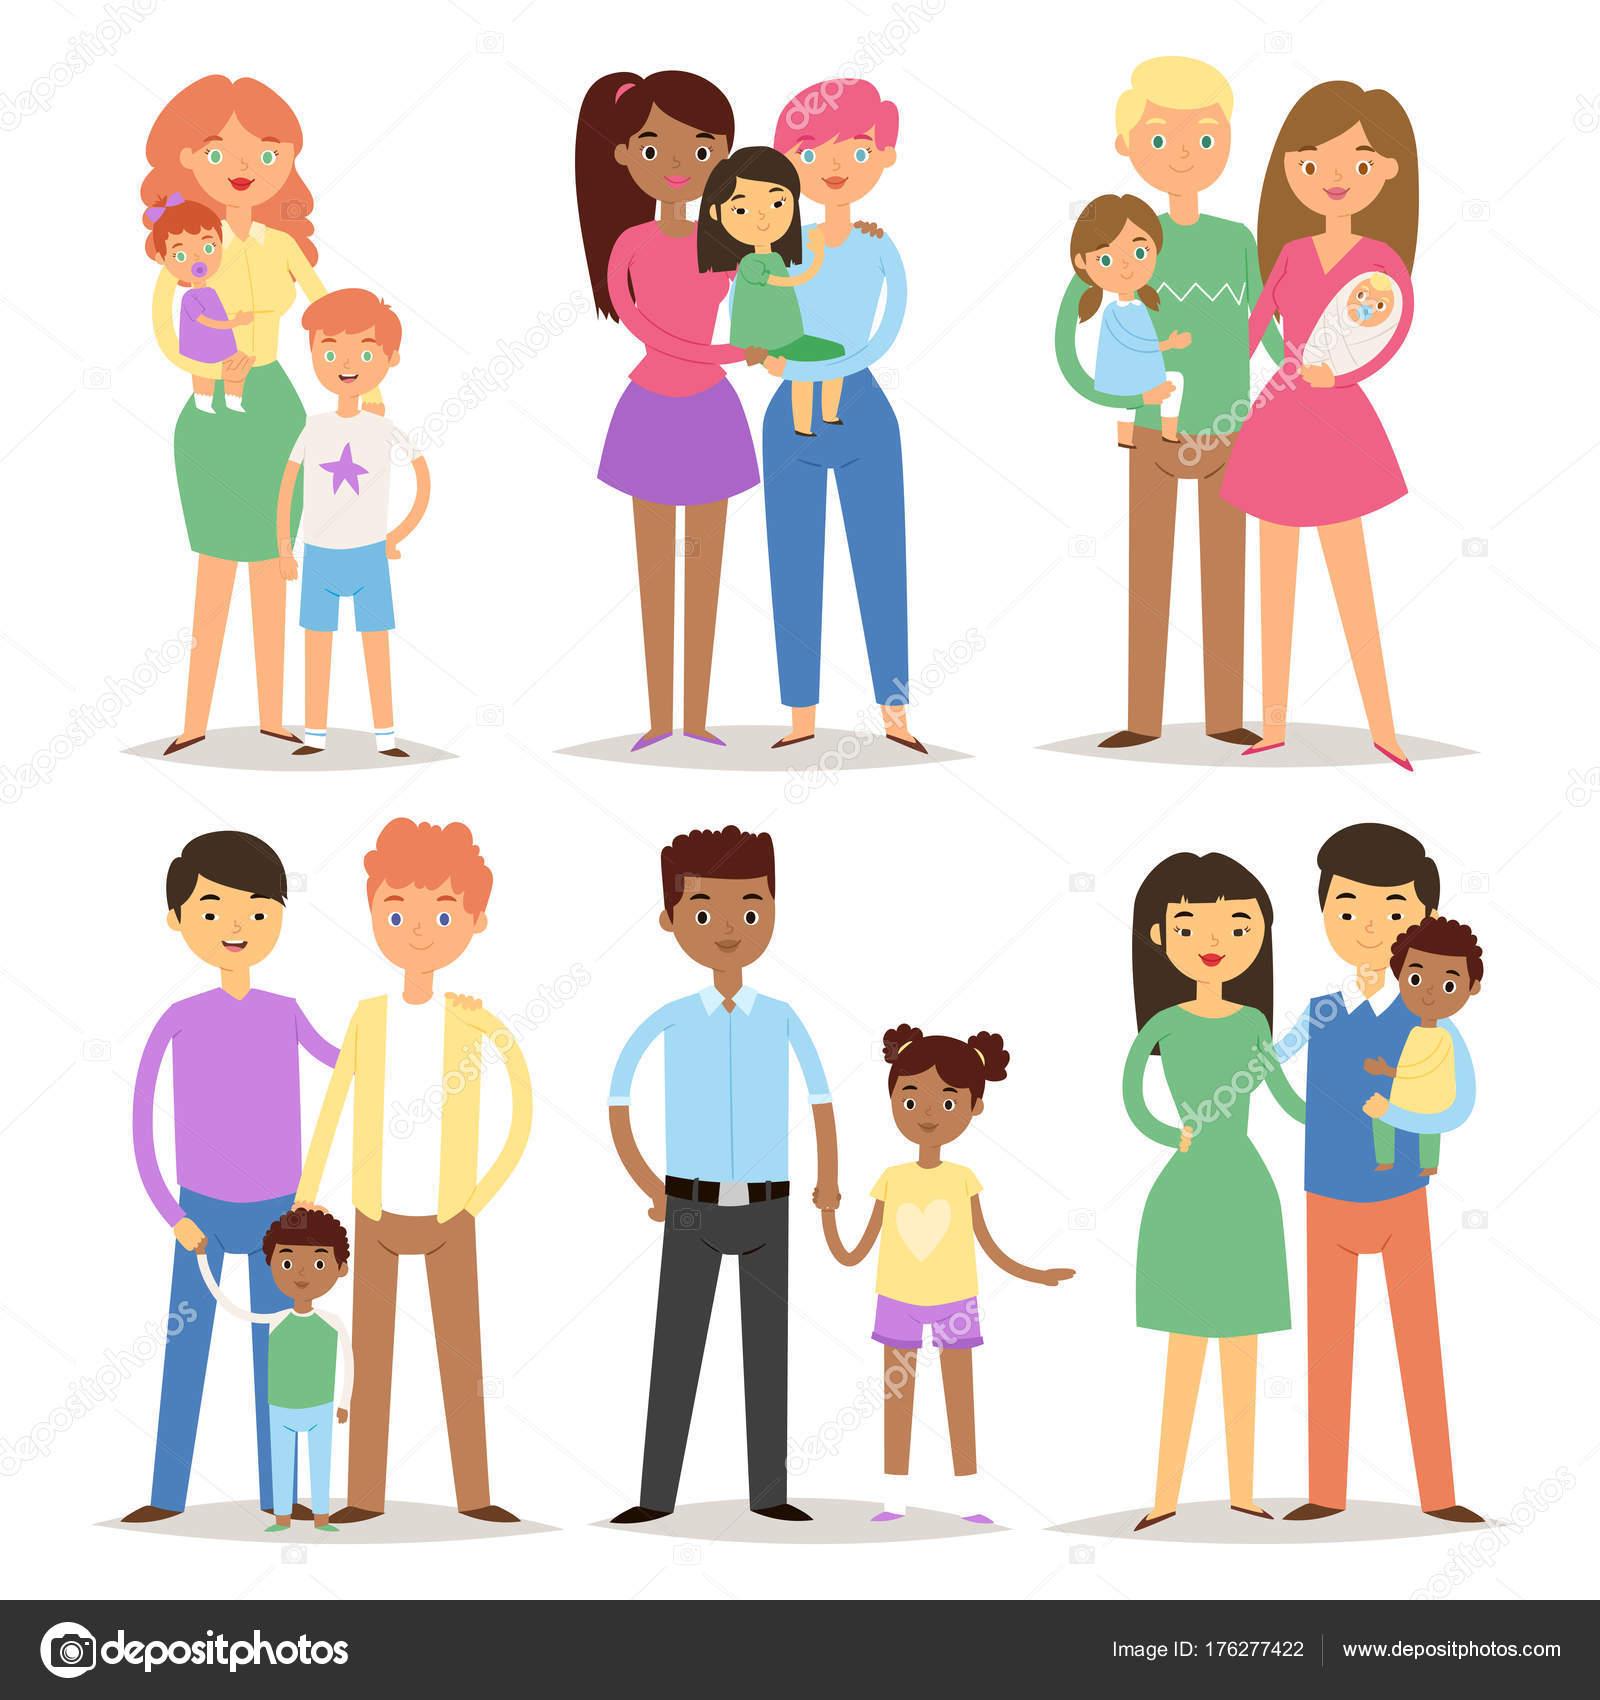 Mutlu farkl aile iftler karakterler anne baba bebek ok for Tipos de familia pdf